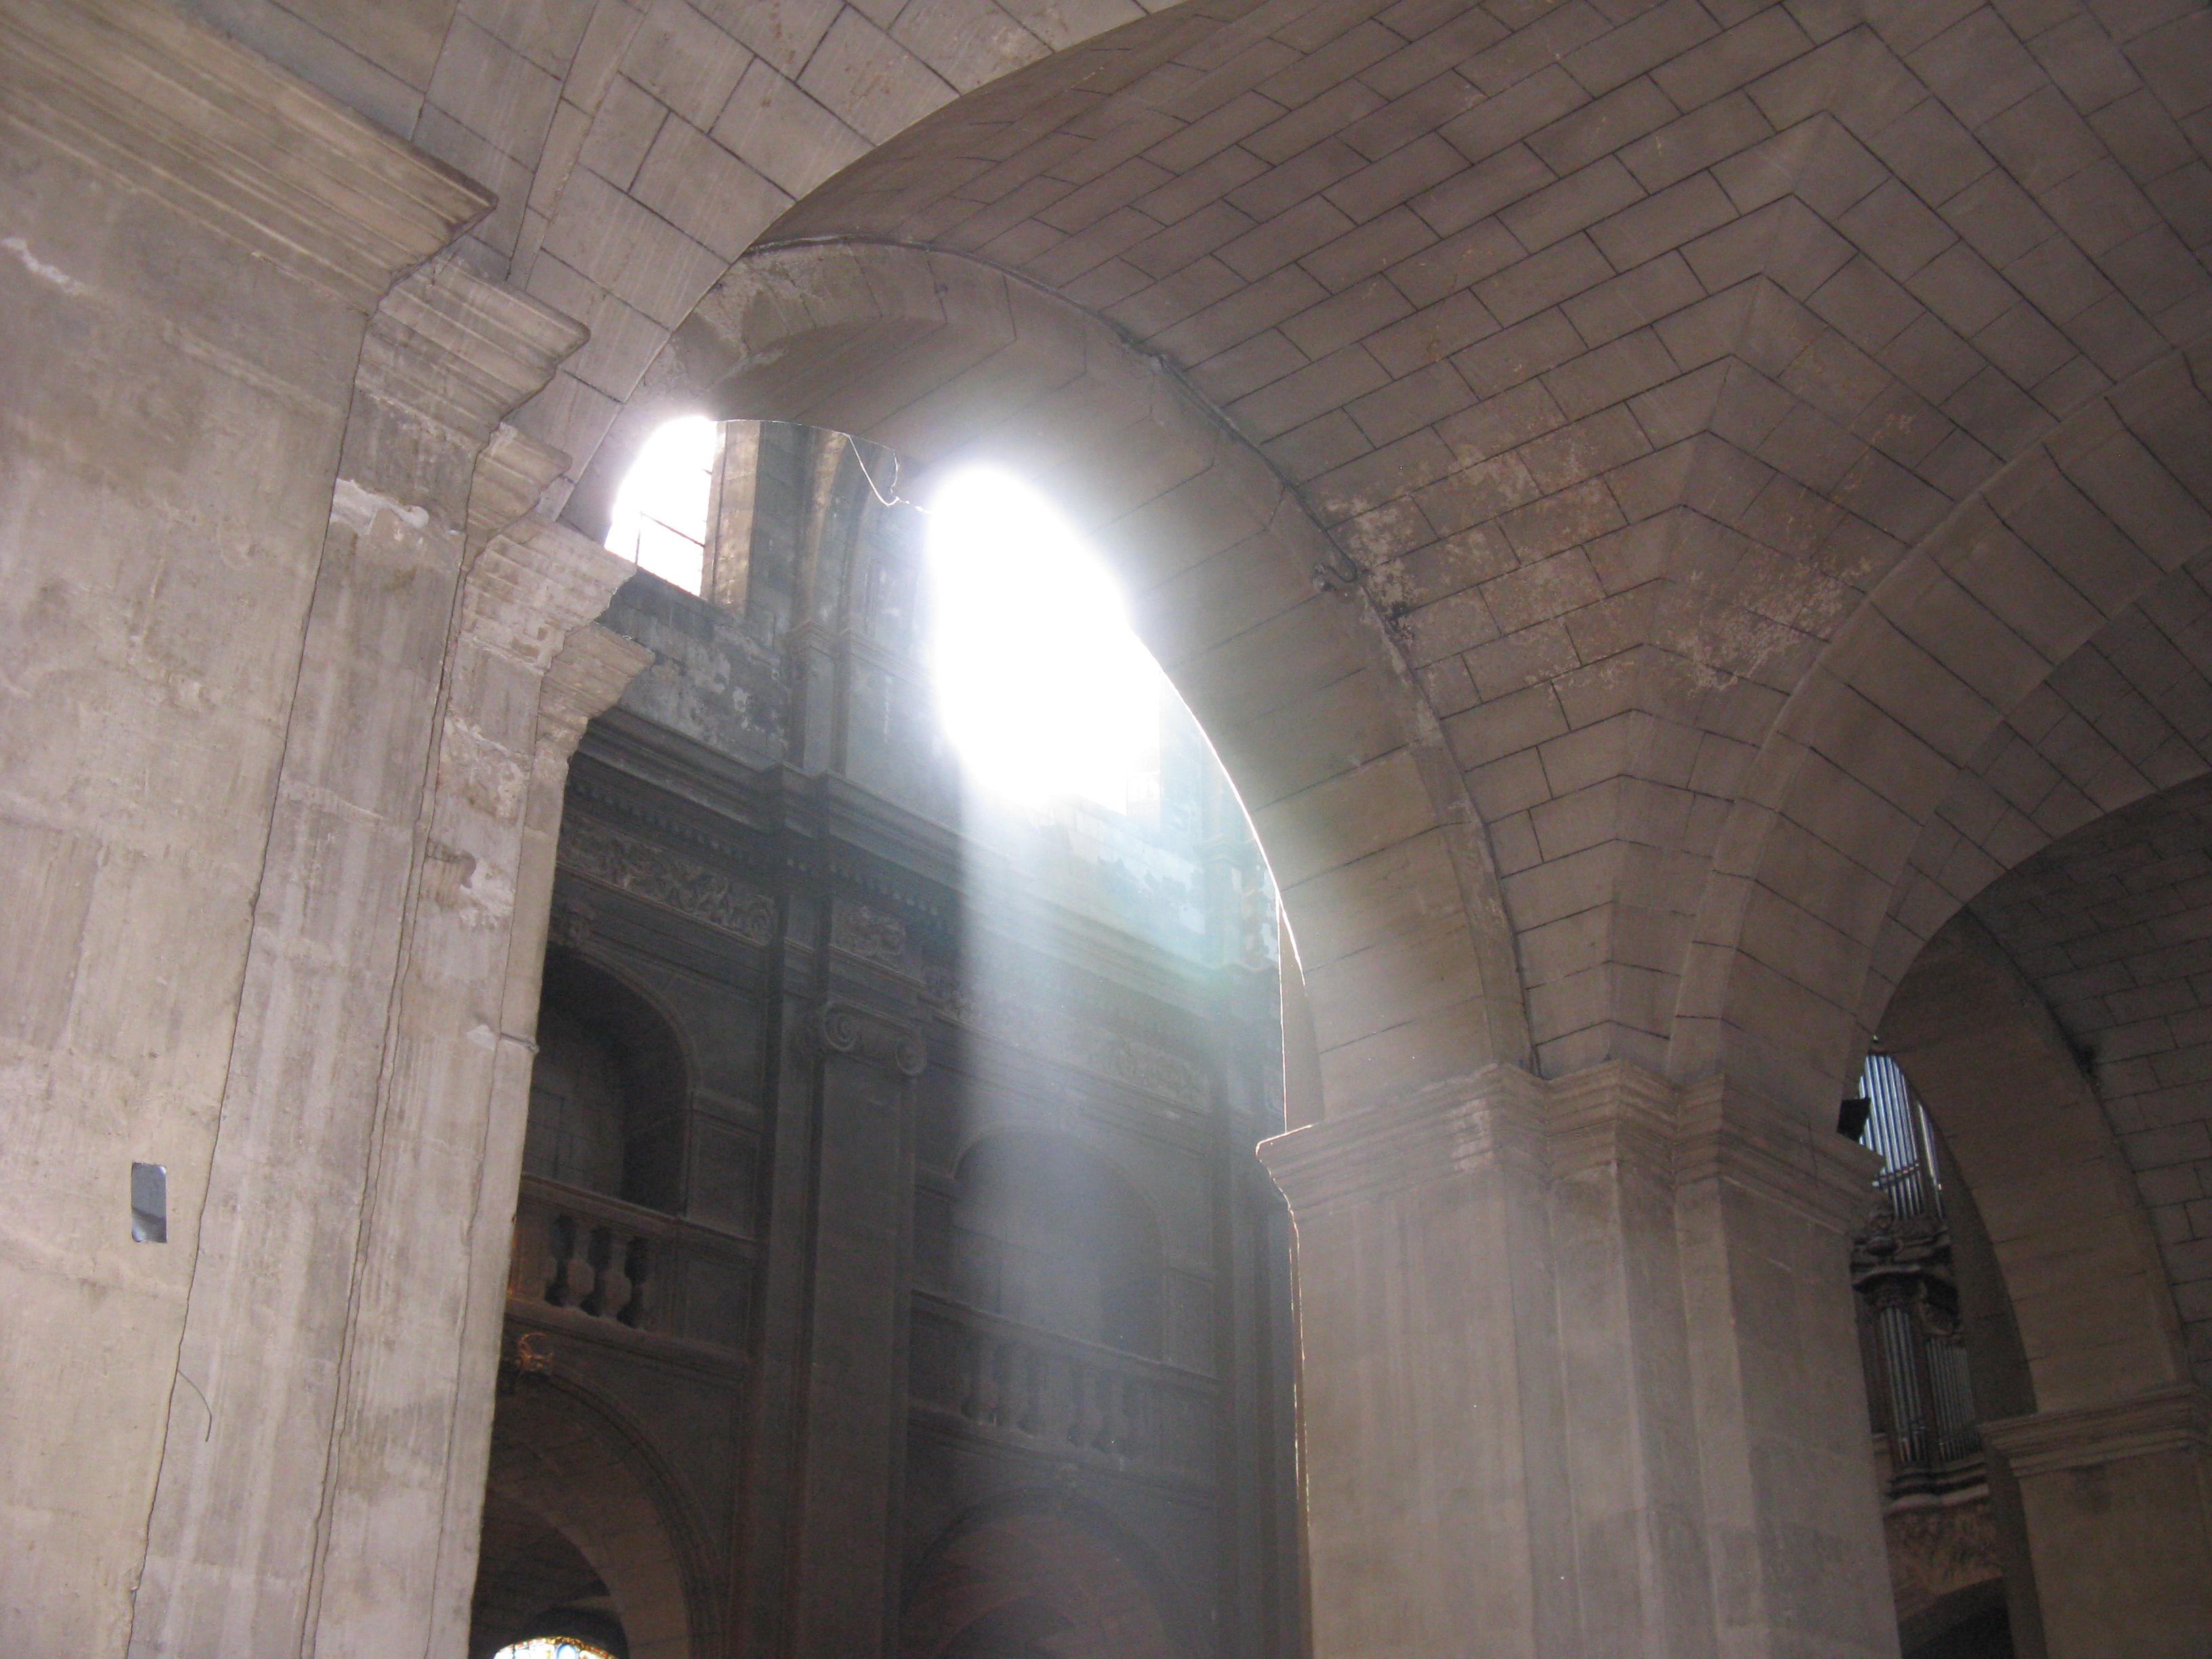 Άγιο φως ~ το ζωντανό θαύμα